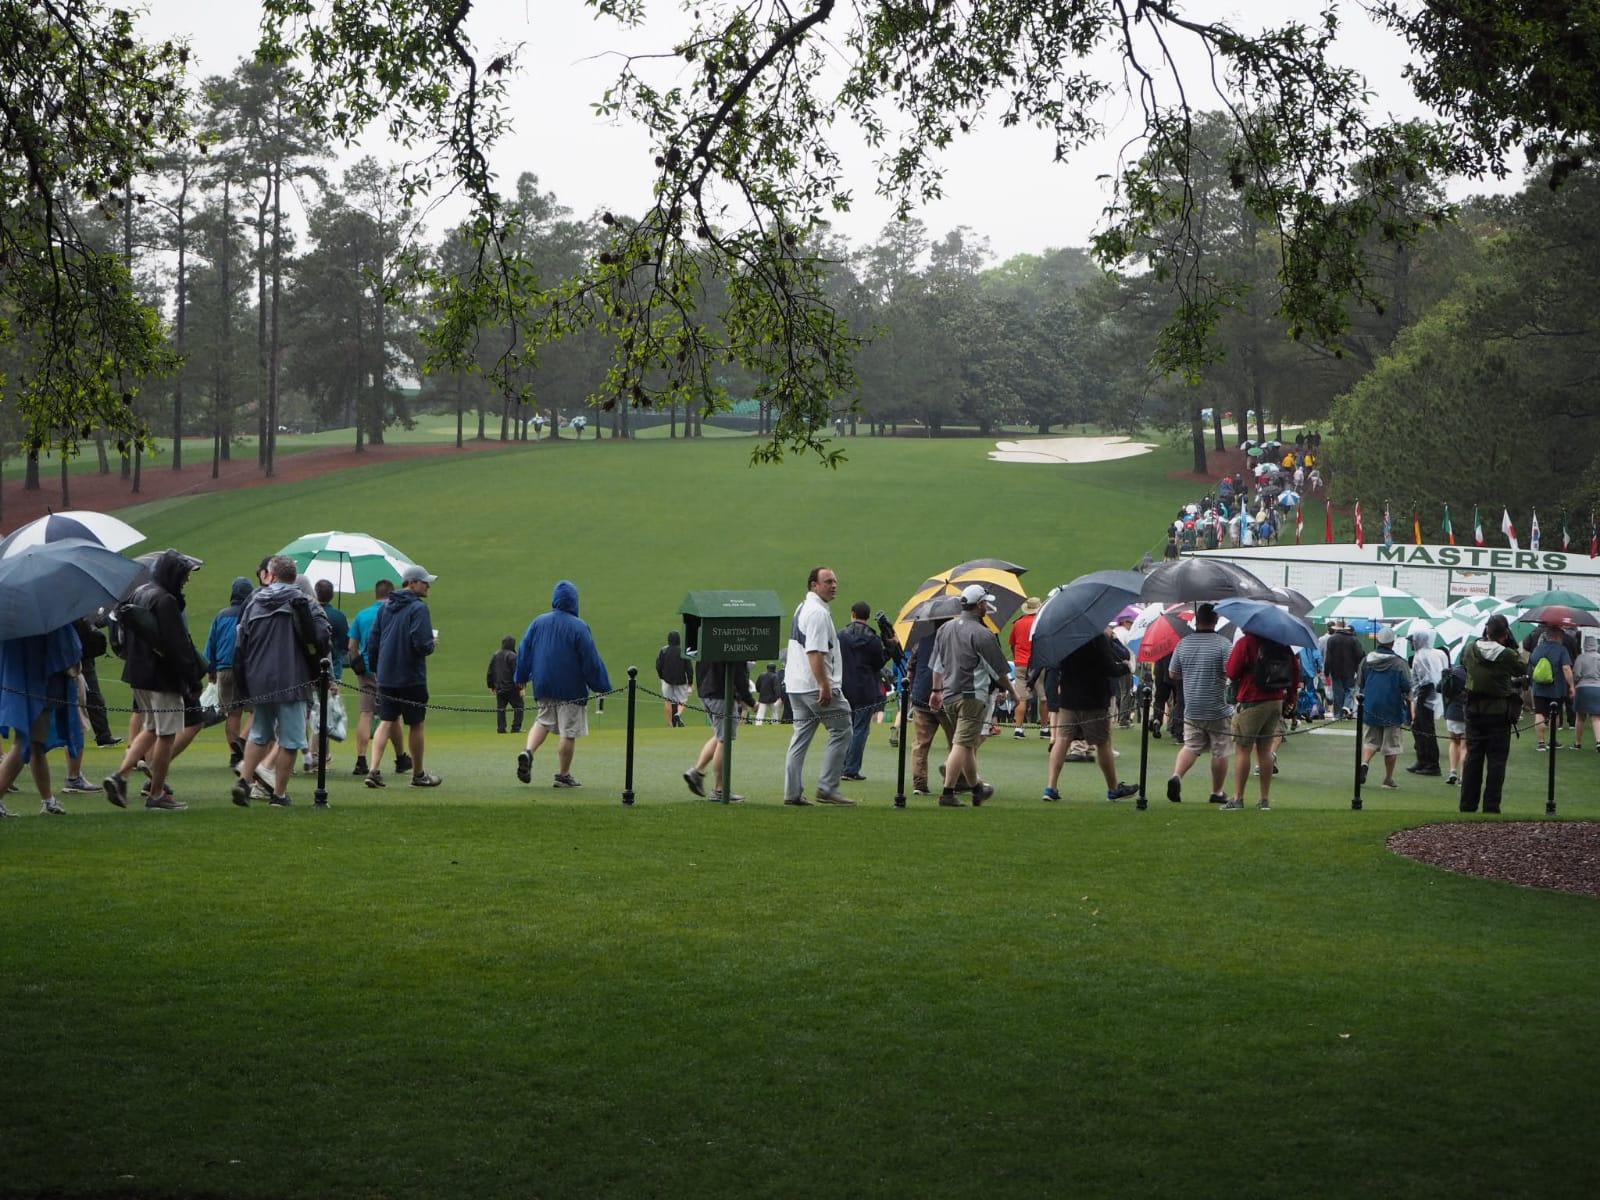 La lluvia fue protagonista en este martes de prácticas. © Rafael Cabrera